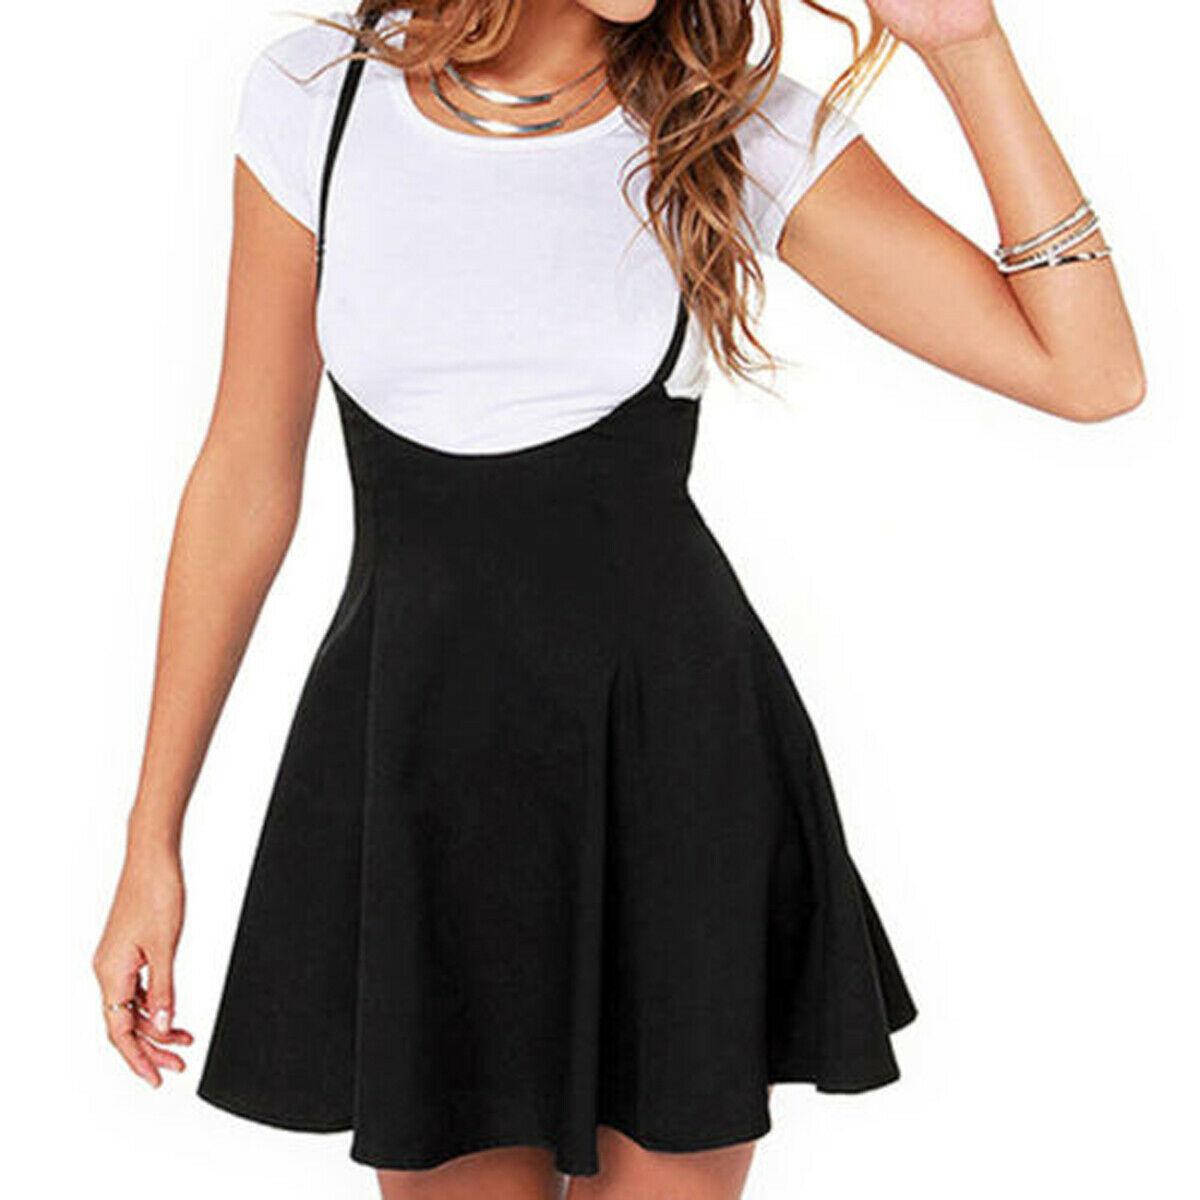 Women Mini Suspender Skater Skirt High Waisted Pleated Adjustable Strap Black